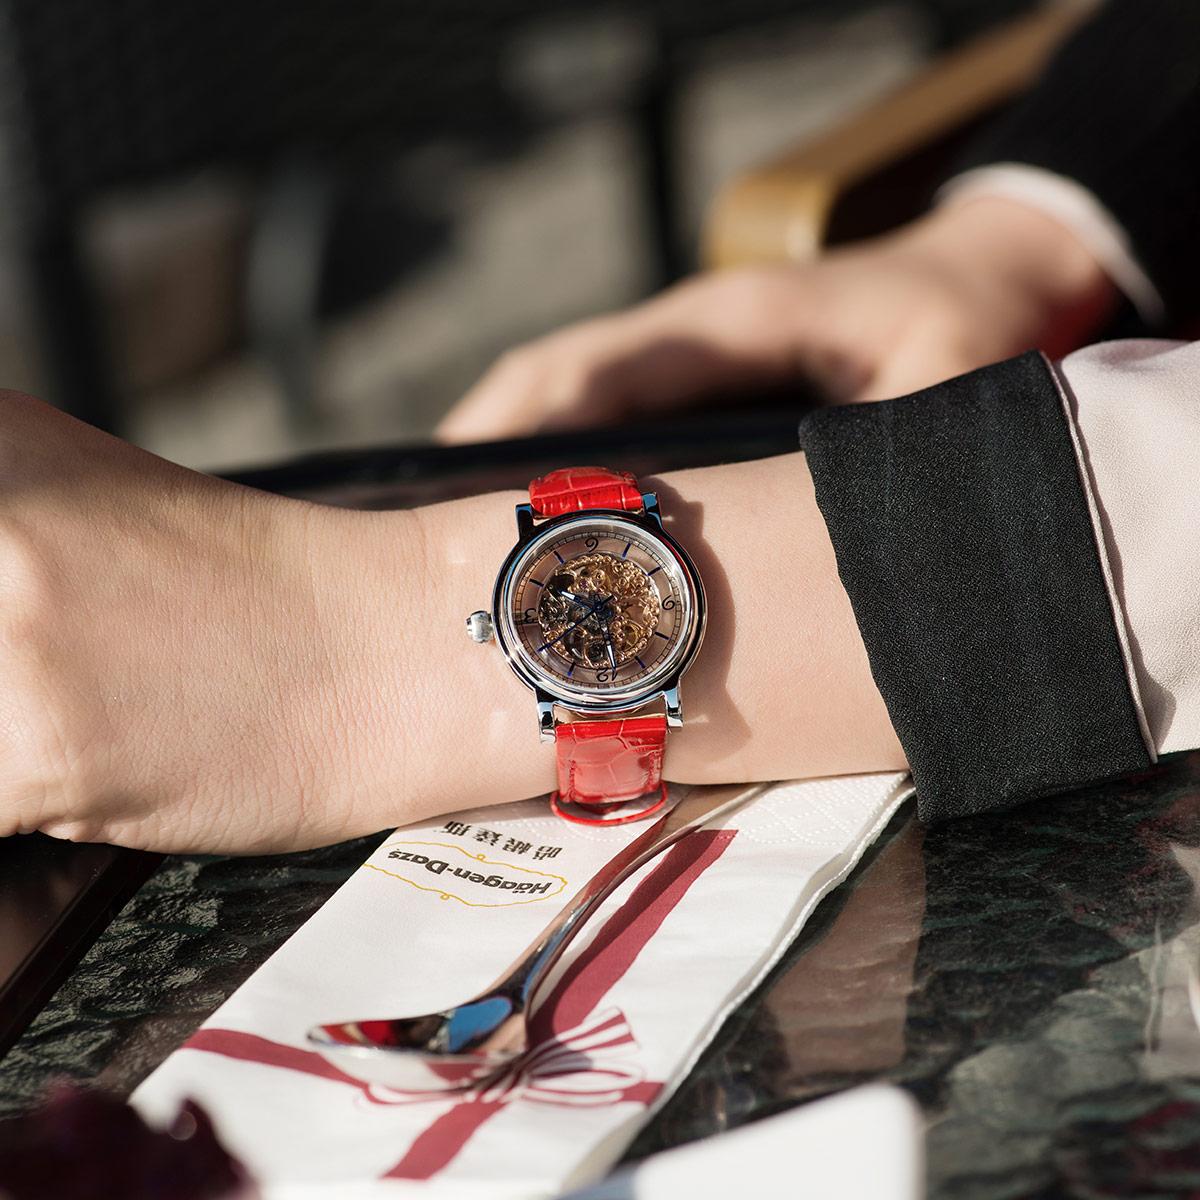 上海牌手表女机械表正品女士手动上链机械表皮带镂空腕表女表 604